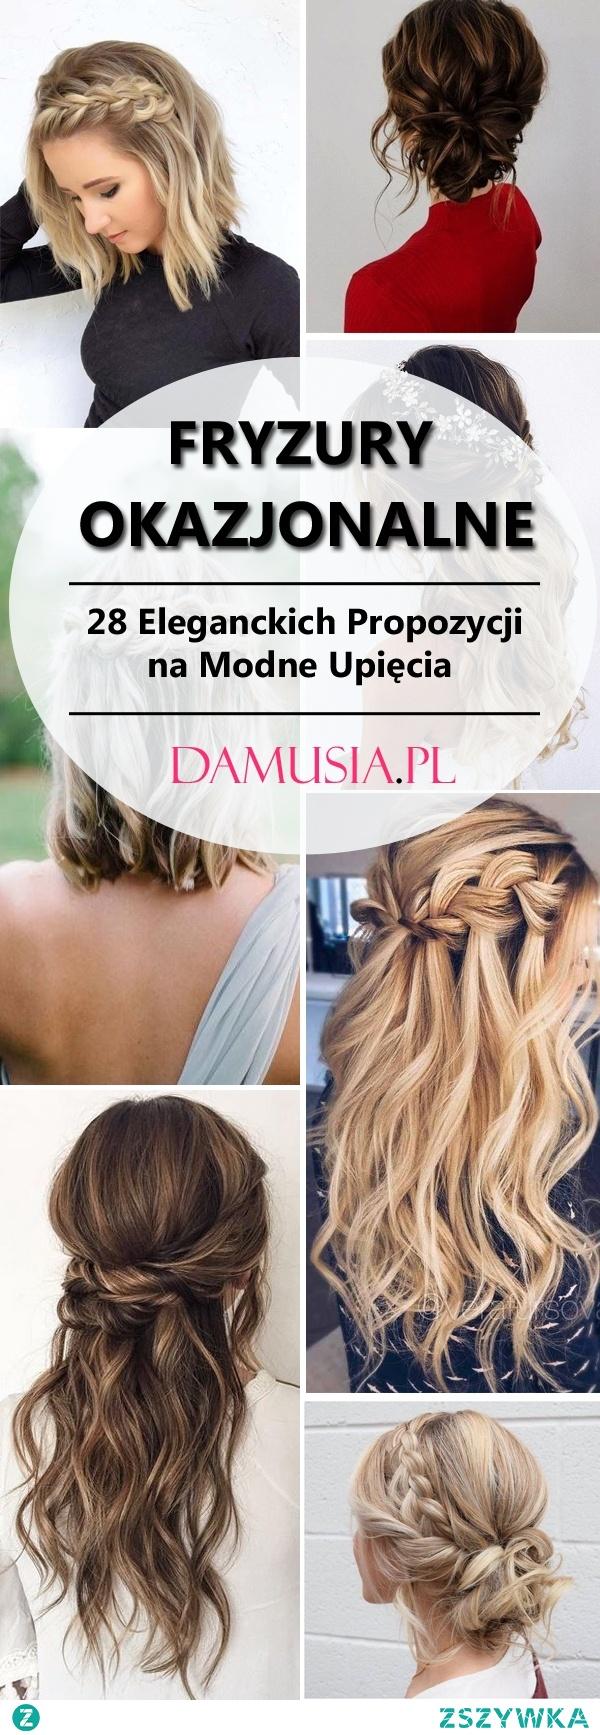 Fryzury Okazjonalne: TOP 28 Eleganckich Propozycji na Modne Upięcia